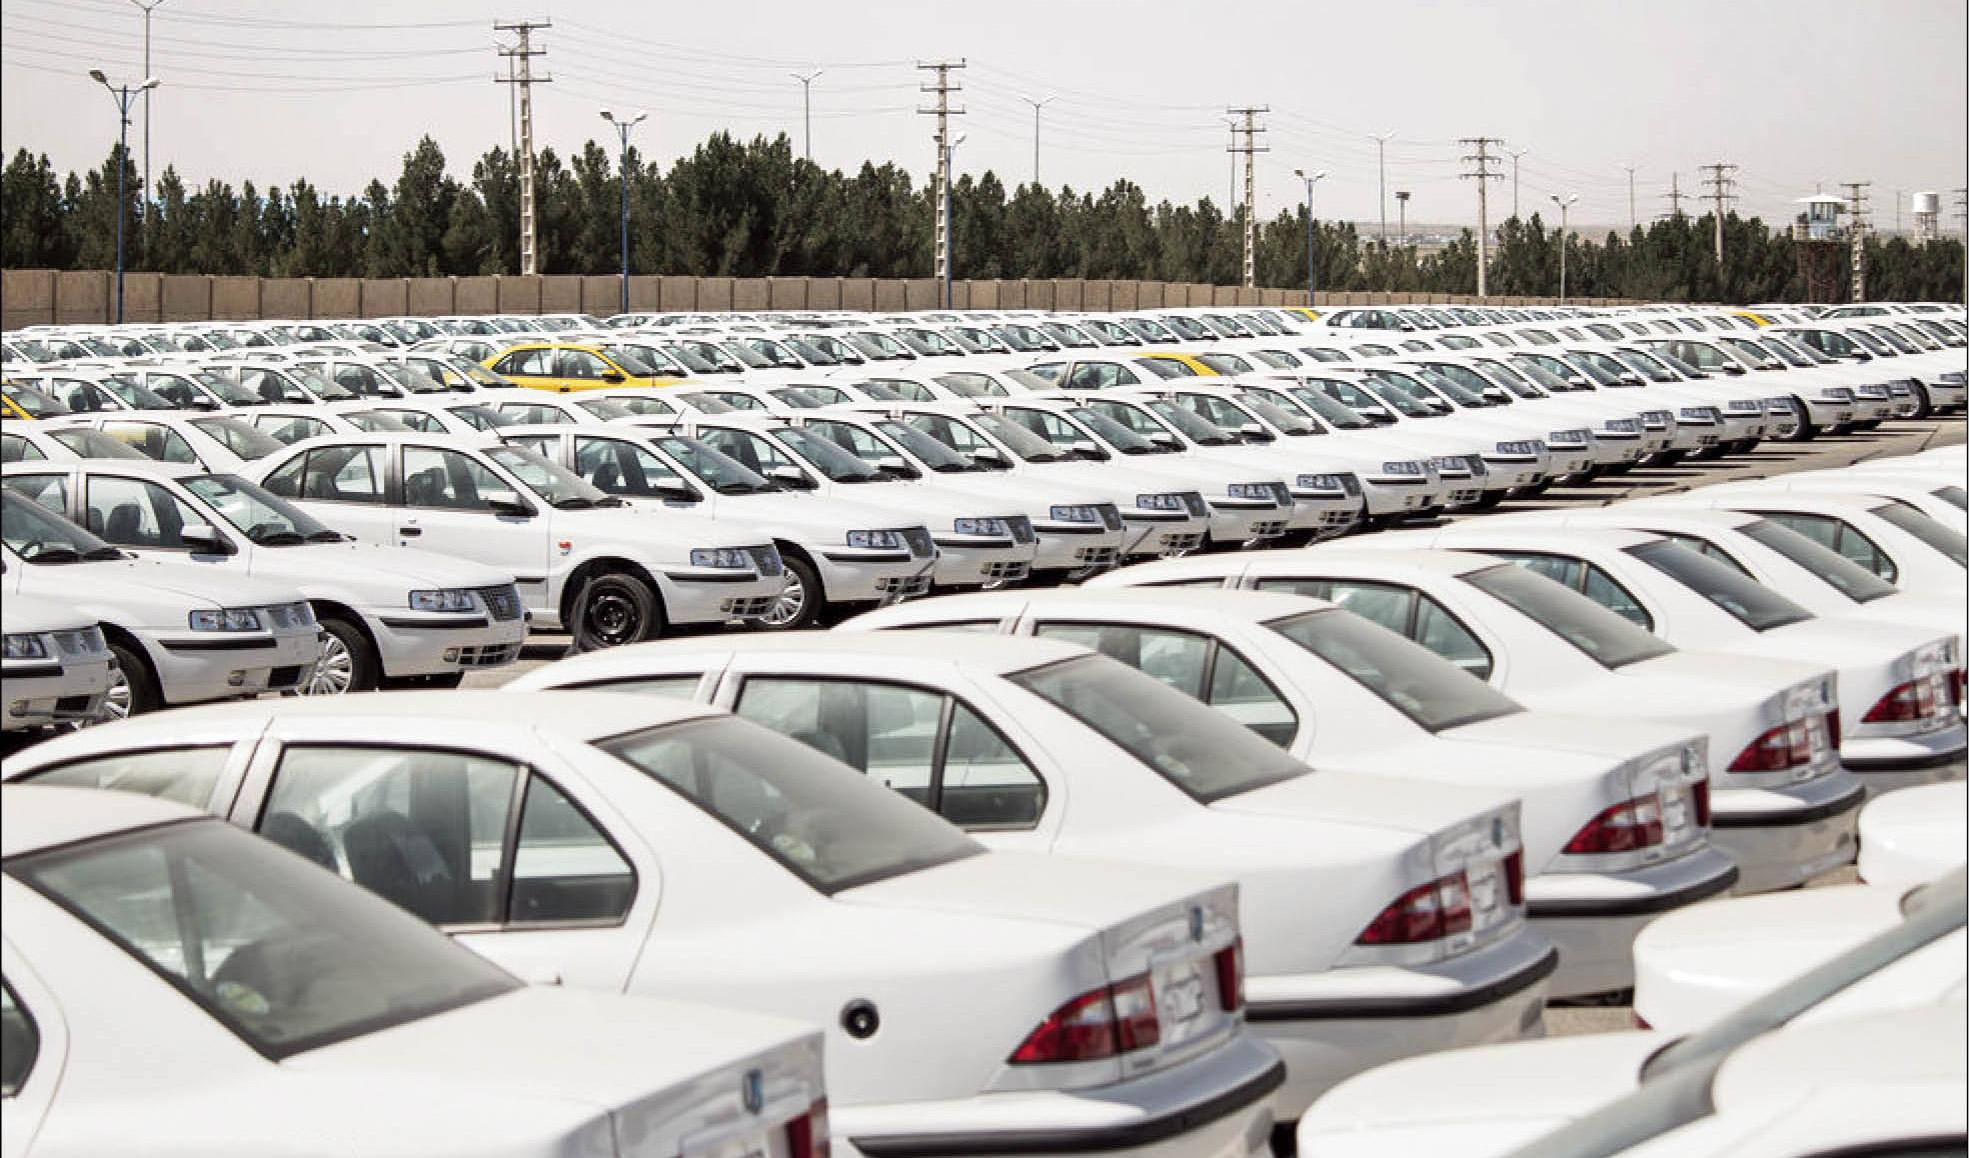 طرح ساماندهی بازار خودرو تاثیر مثبتی هم از بُعد کیفیت و هم از بُعد قیمت دارد